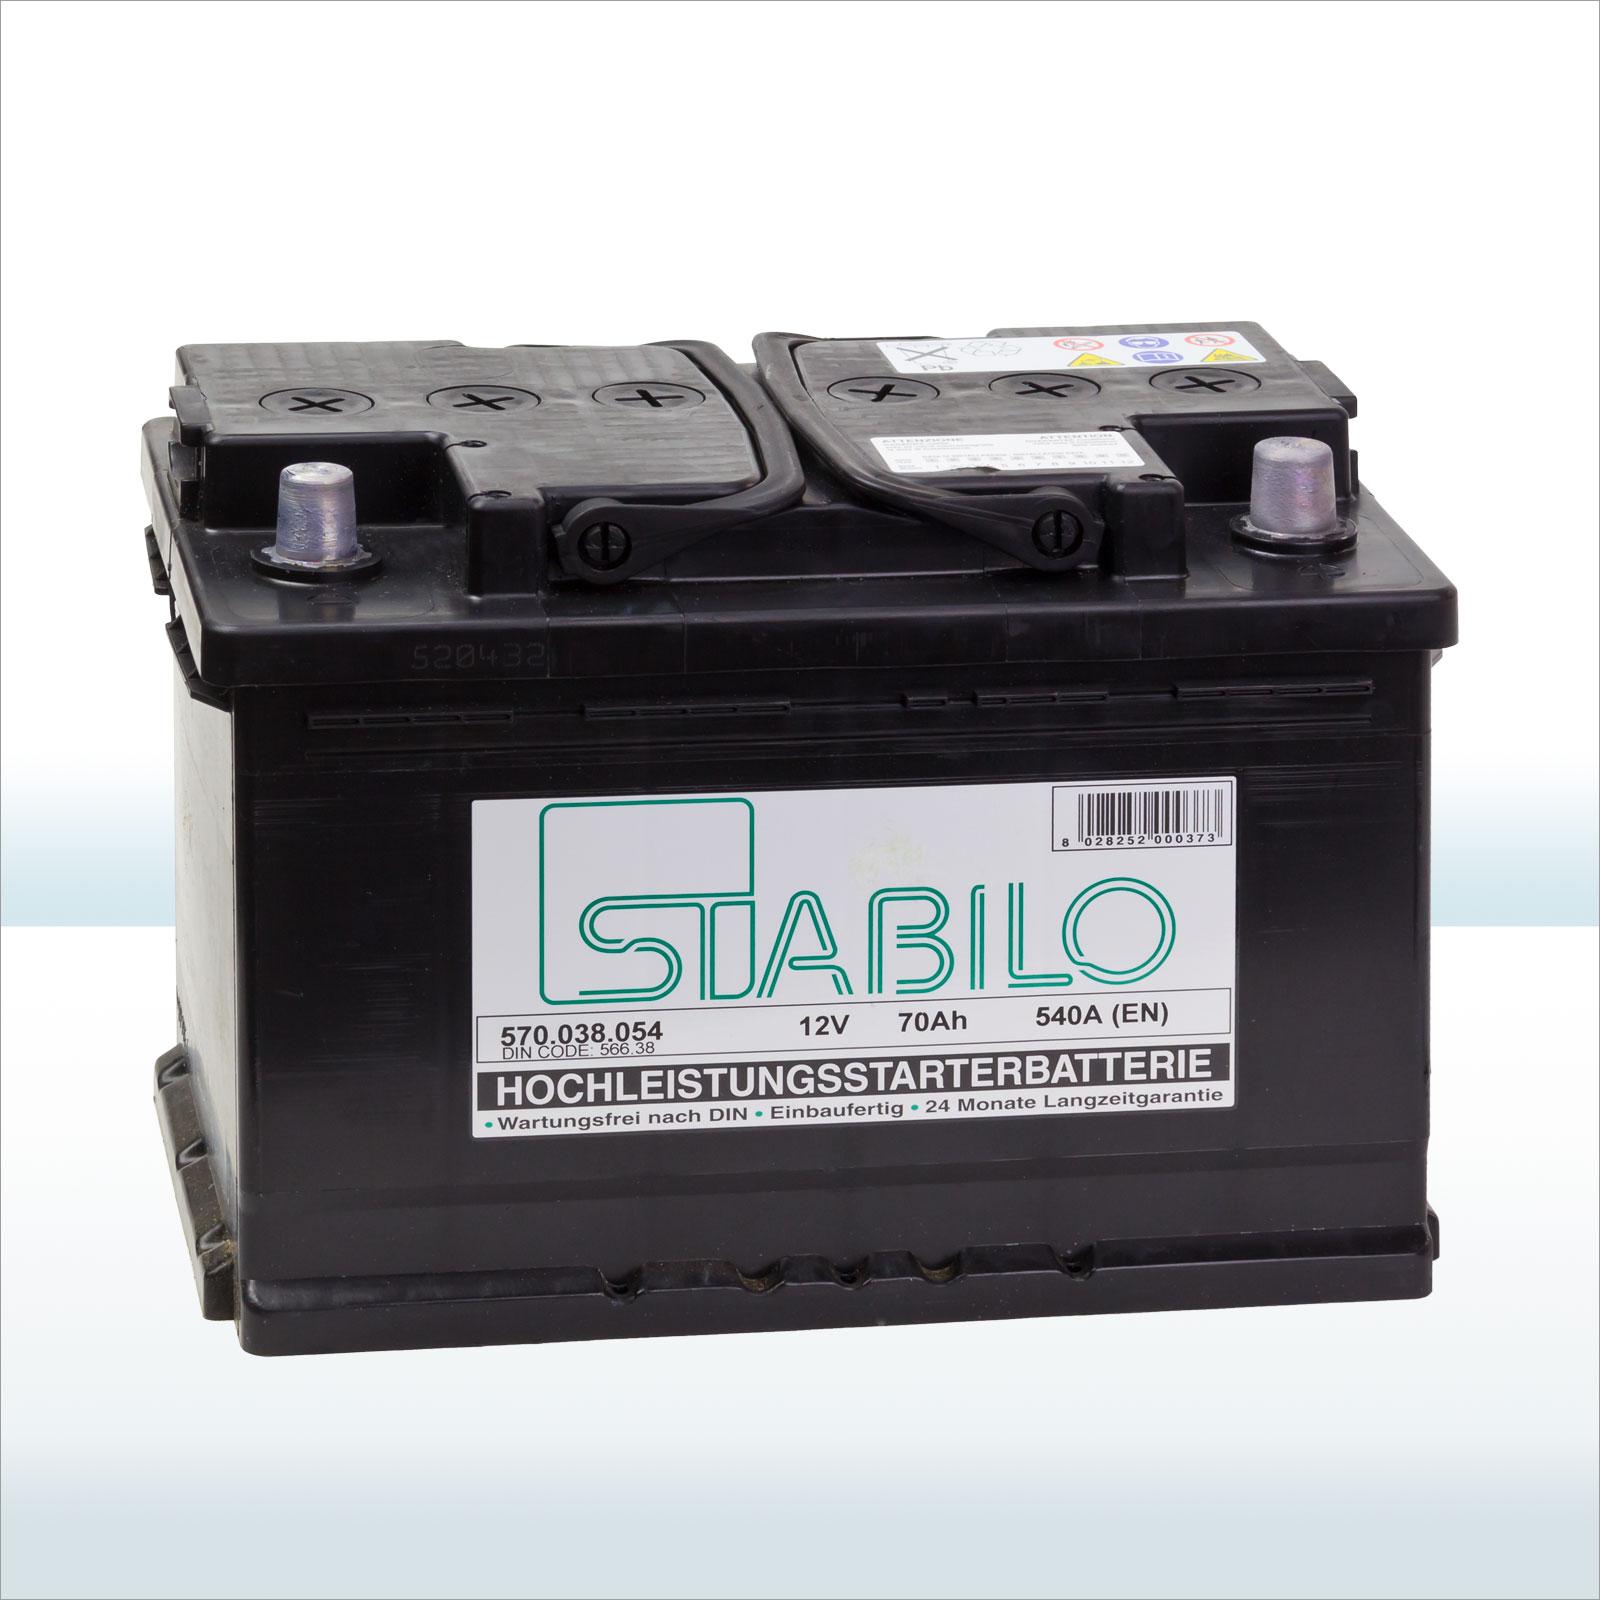 149019 autobatterie starterbatterie 12v 70ah neu ebay. Black Bedroom Furniture Sets. Home Design Ideas